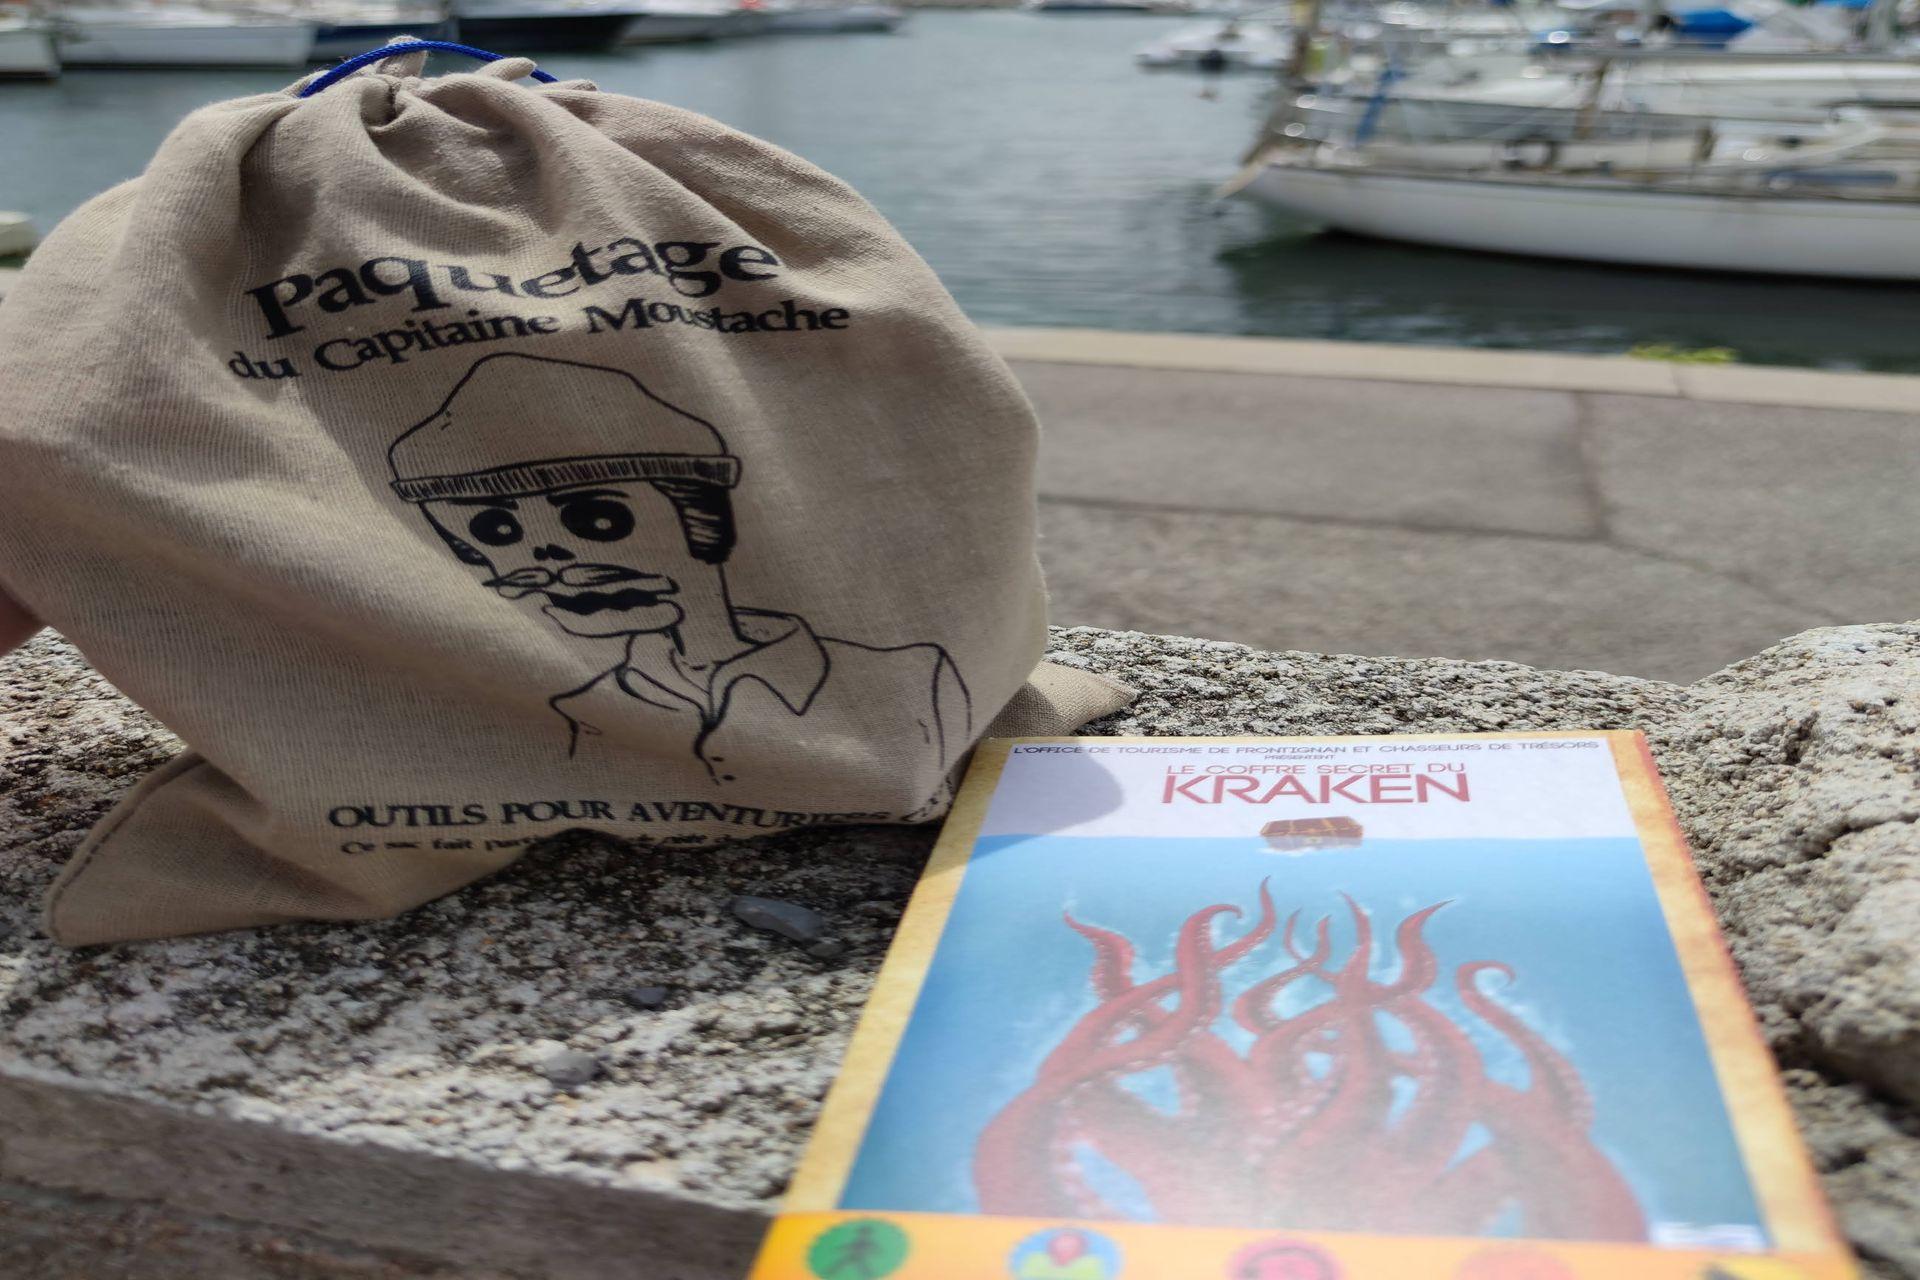 Jeu de piste à Frontignan en famille - Le coffre secret du Kraken